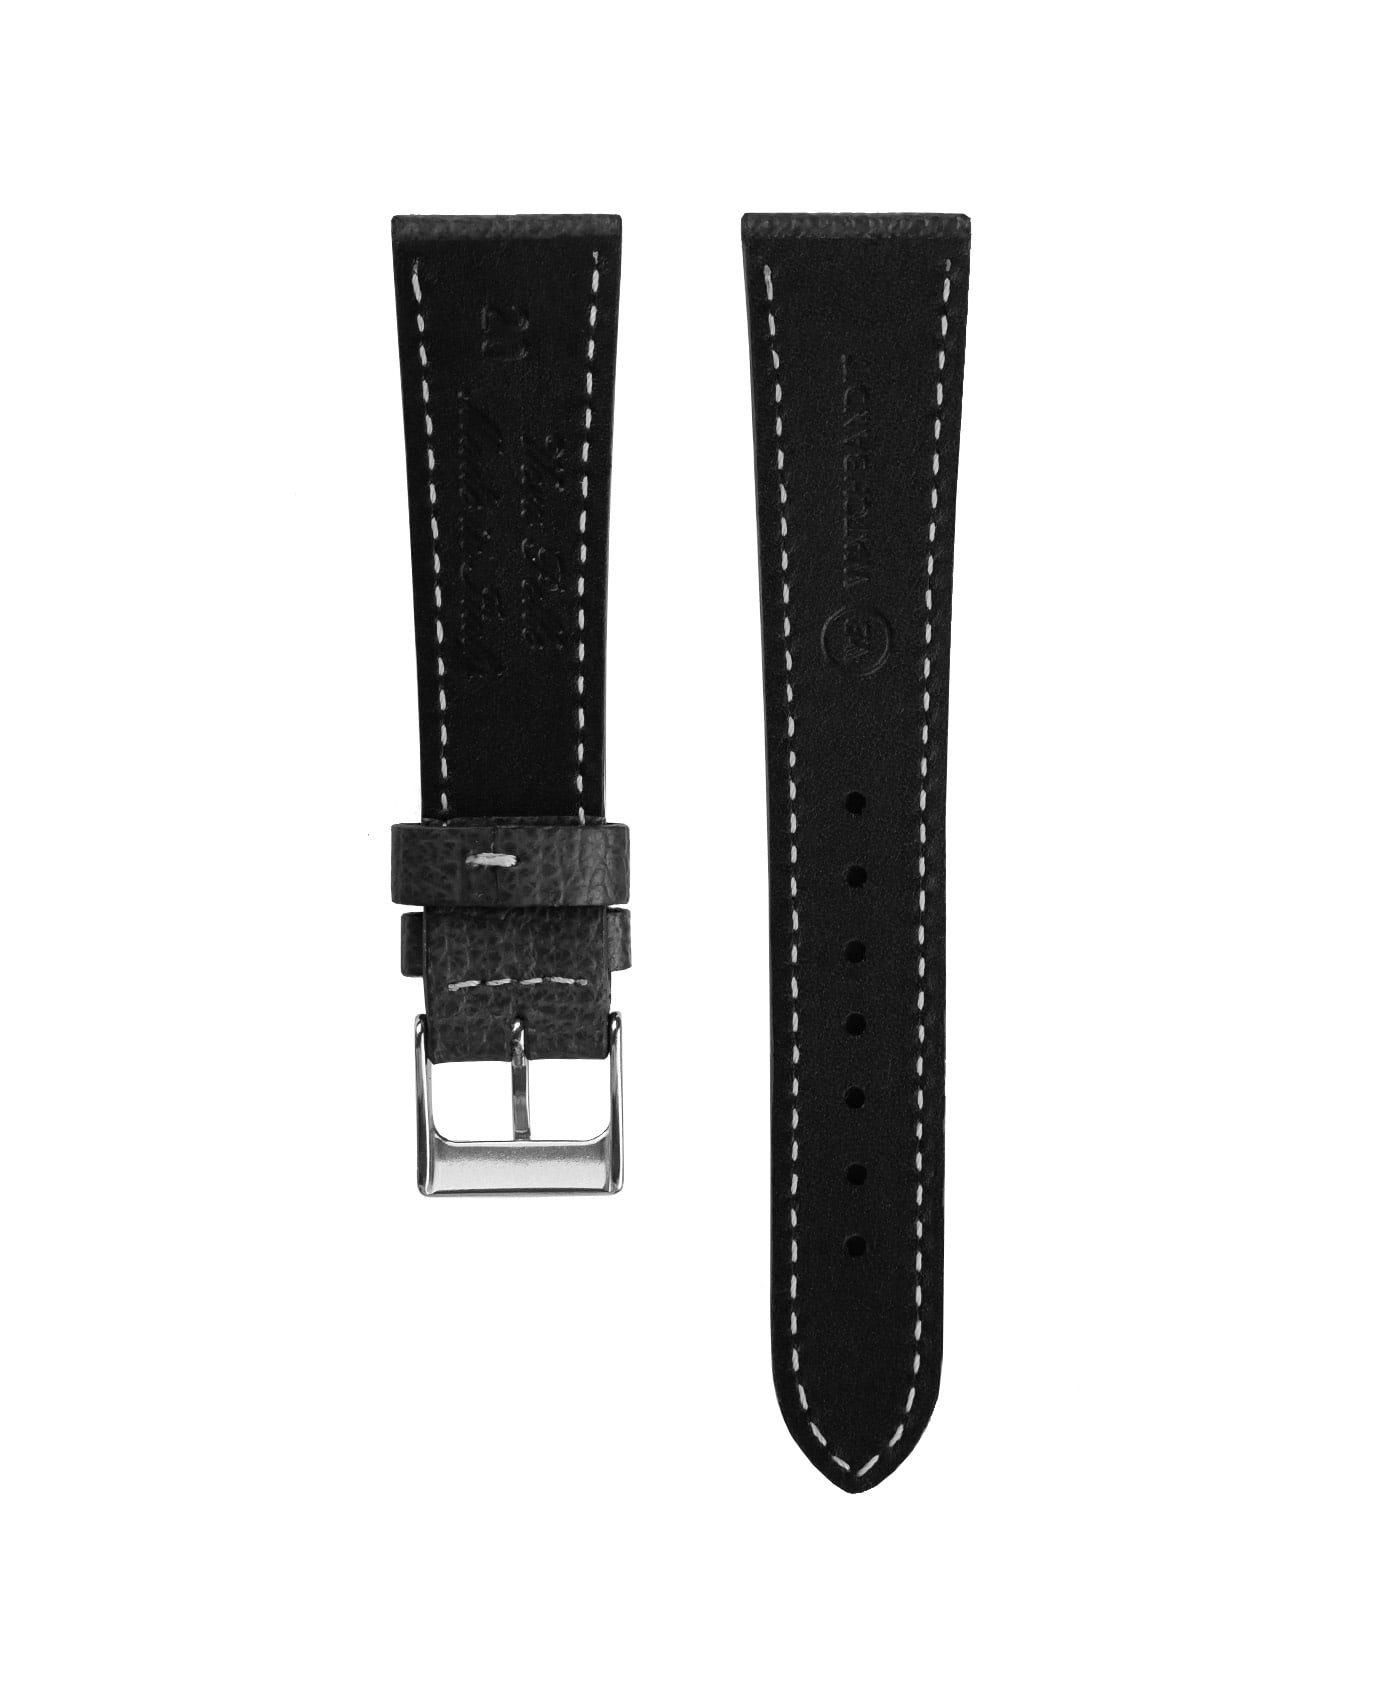 Textured calfskin leather watch strap black back watchbandit